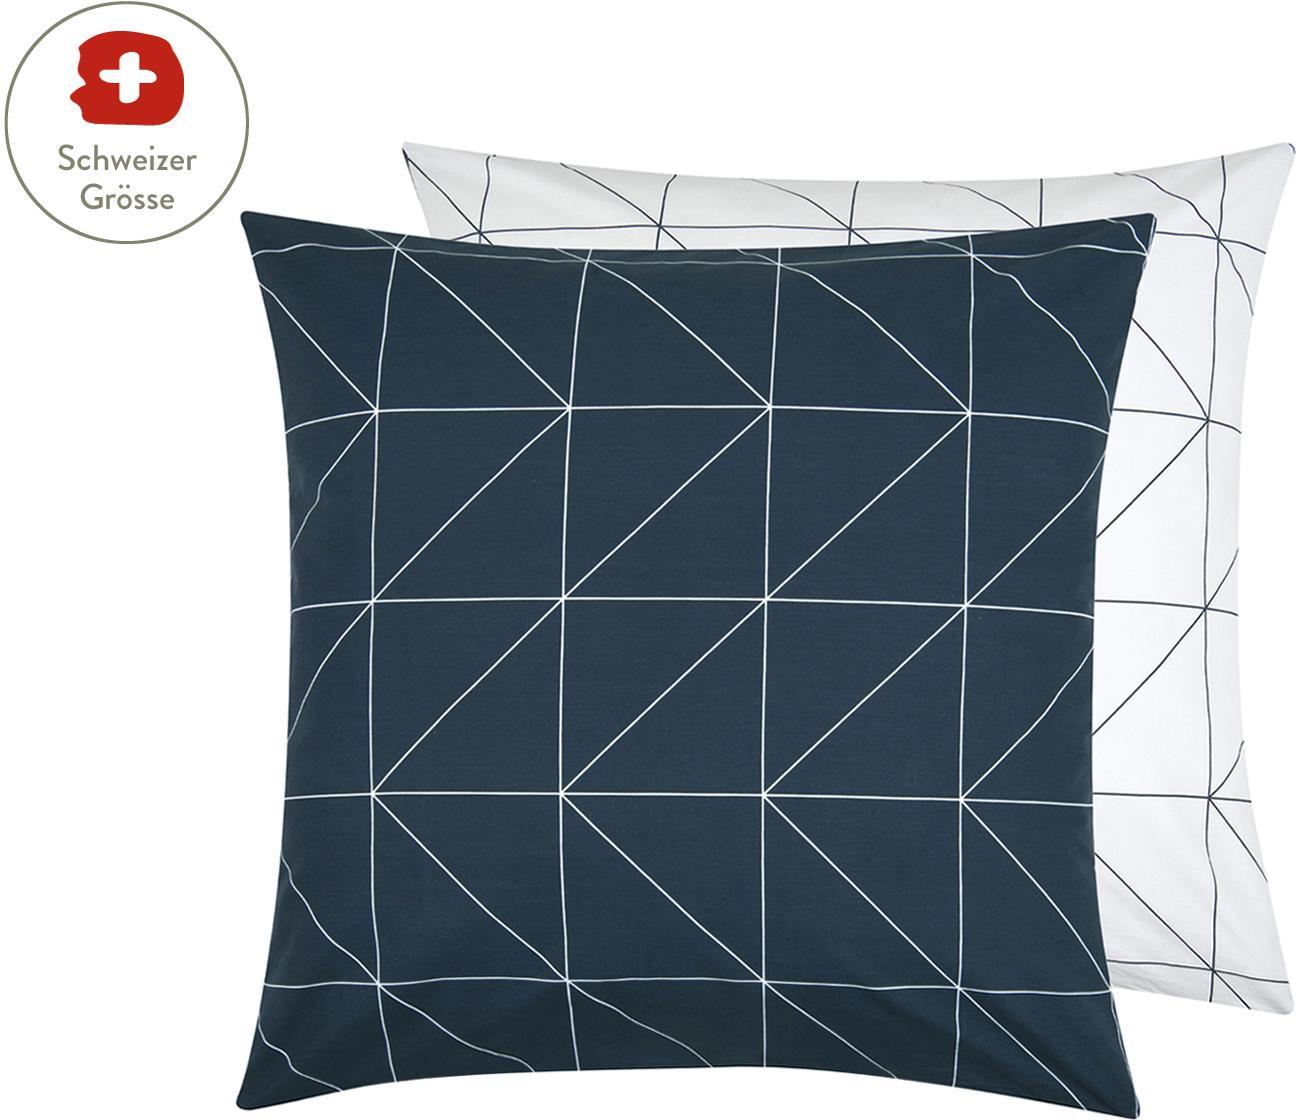 Baumwoll-Wendekissenbezug Marla mit grafischem Muster, Webart: Renforcé Fadendichte 144 , Navyblau, Weiss, 65 x 65 cm